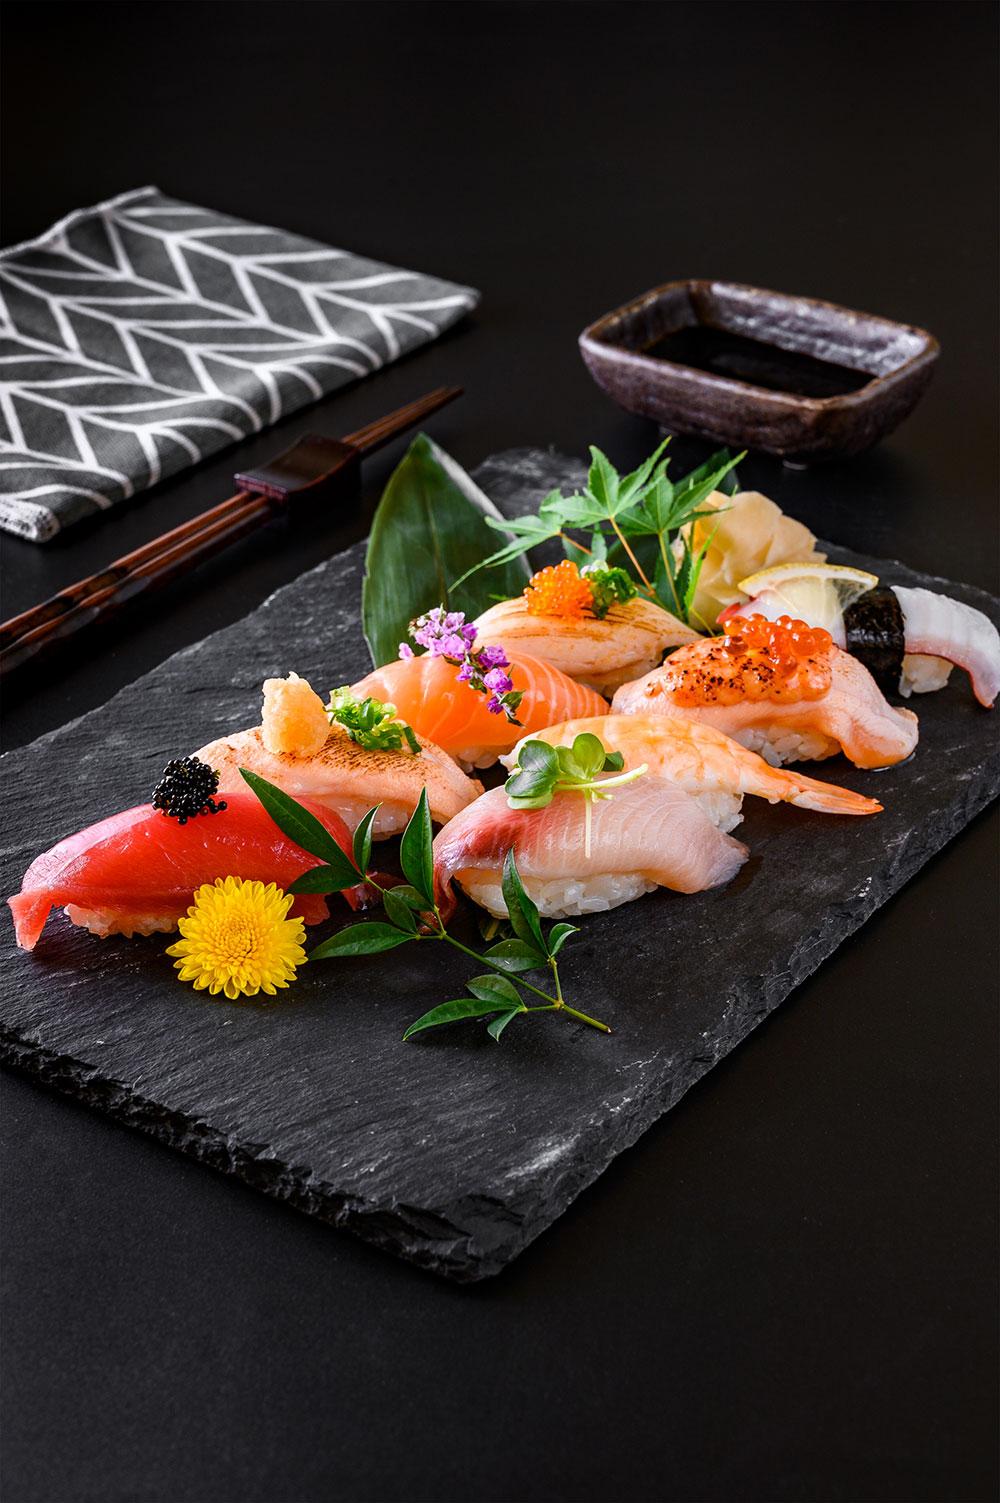 Japanese Restaurant Chain Sushi Platter